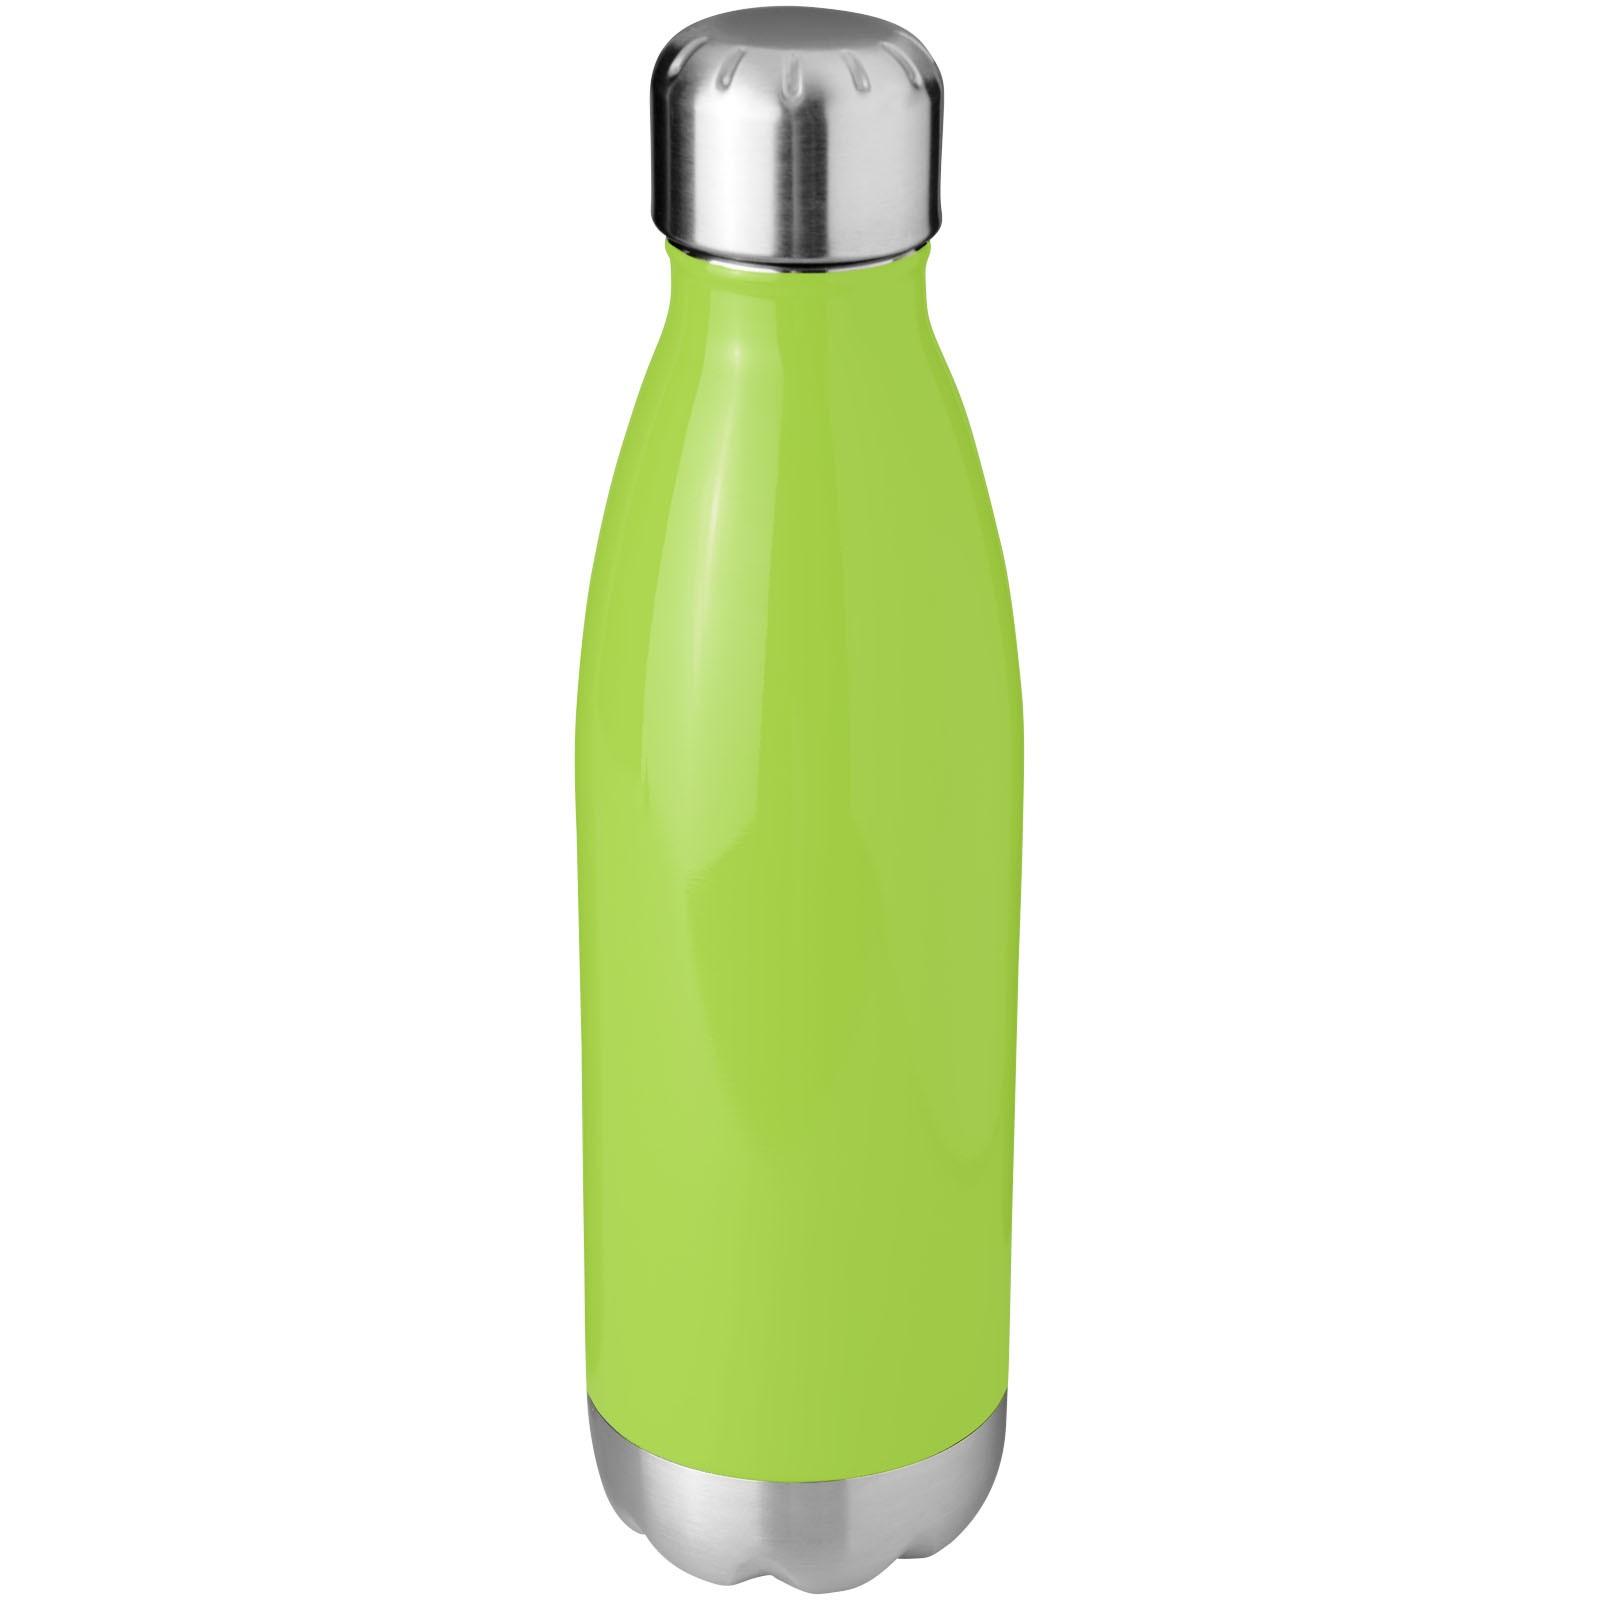 Termoska Arsenal s vakuovou izolací 510 ml - Limetka